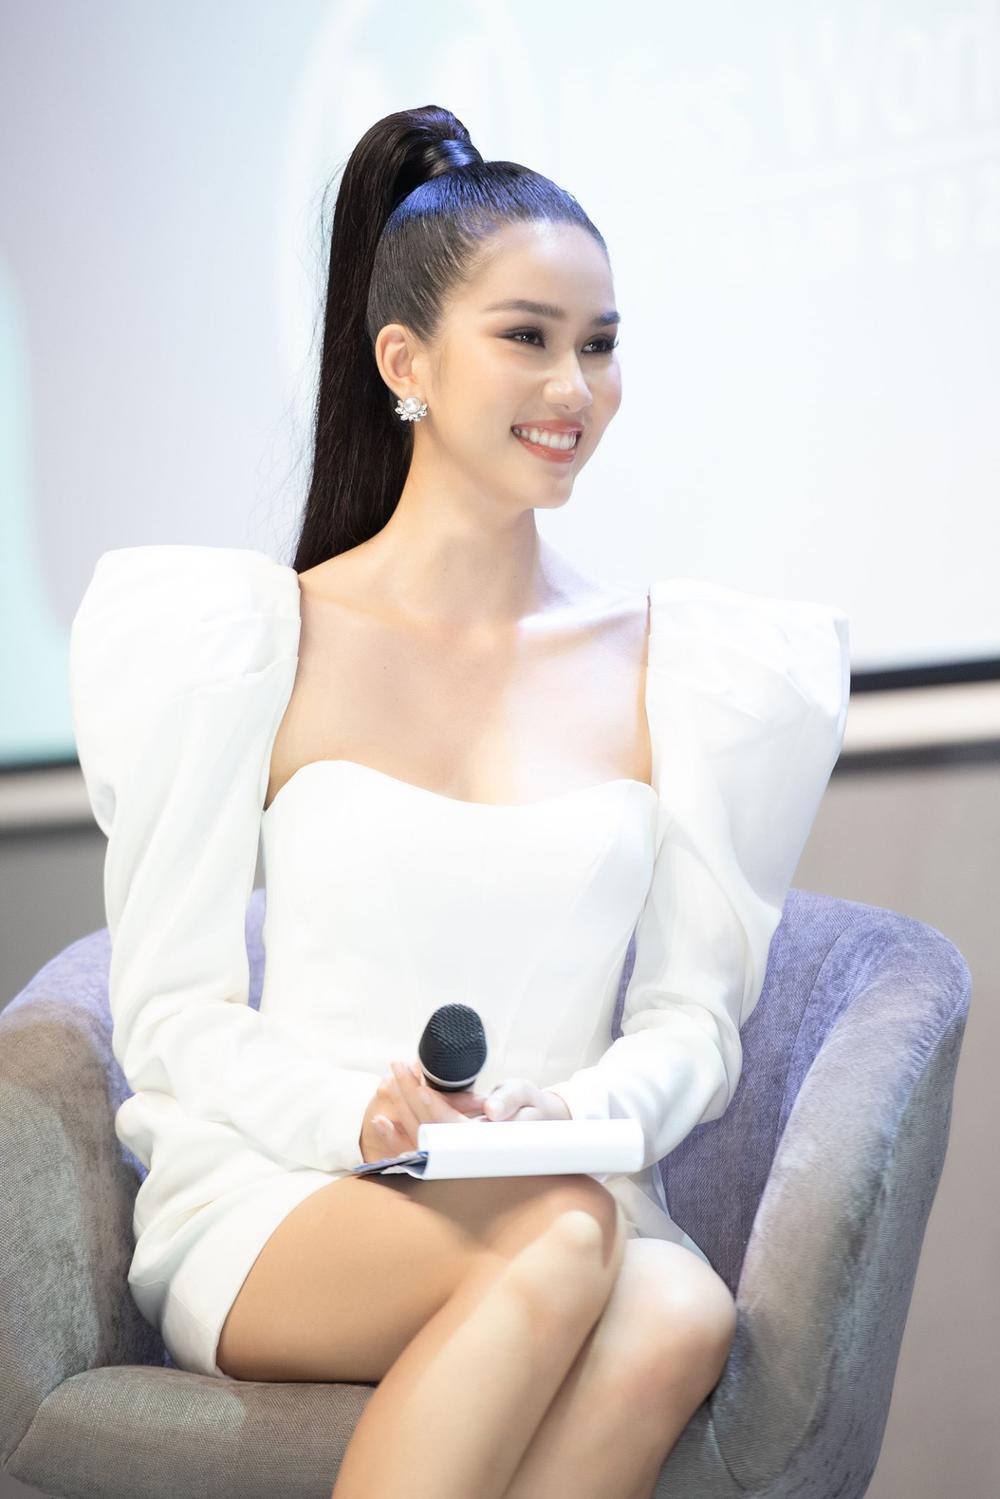 Rộ tin Miss International thi trực tuyến hoặc hủy tổ chức lần 2: Phương Anh thiệt thòi hơn cả Khánh Vân? Ảnh 9